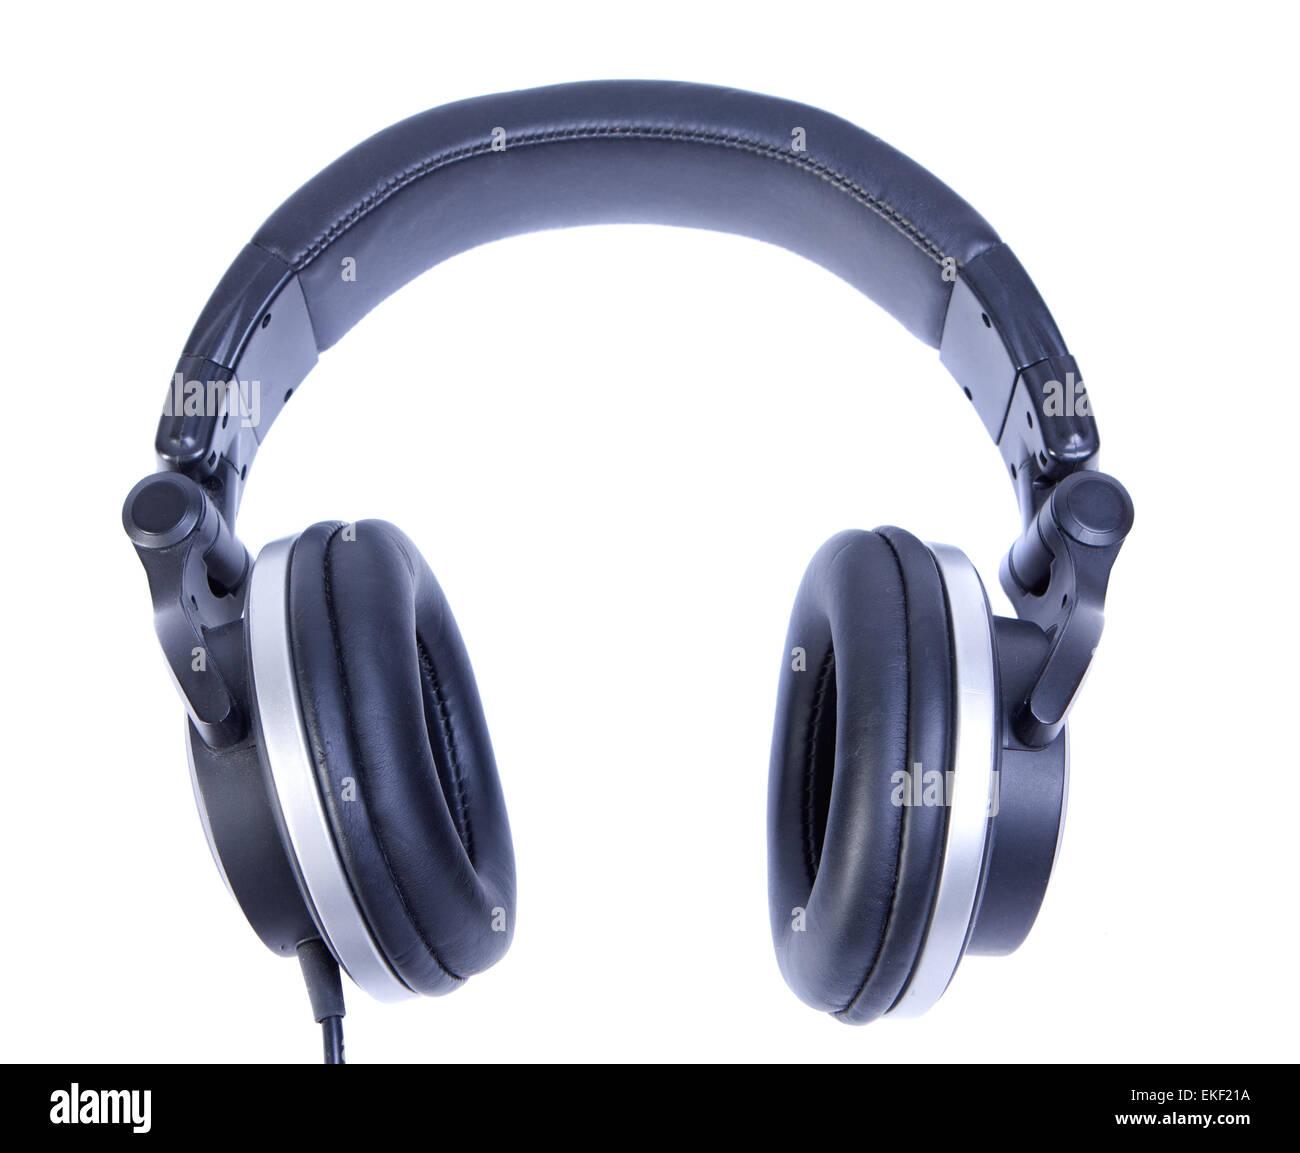 casque d'écoute Photo Stock